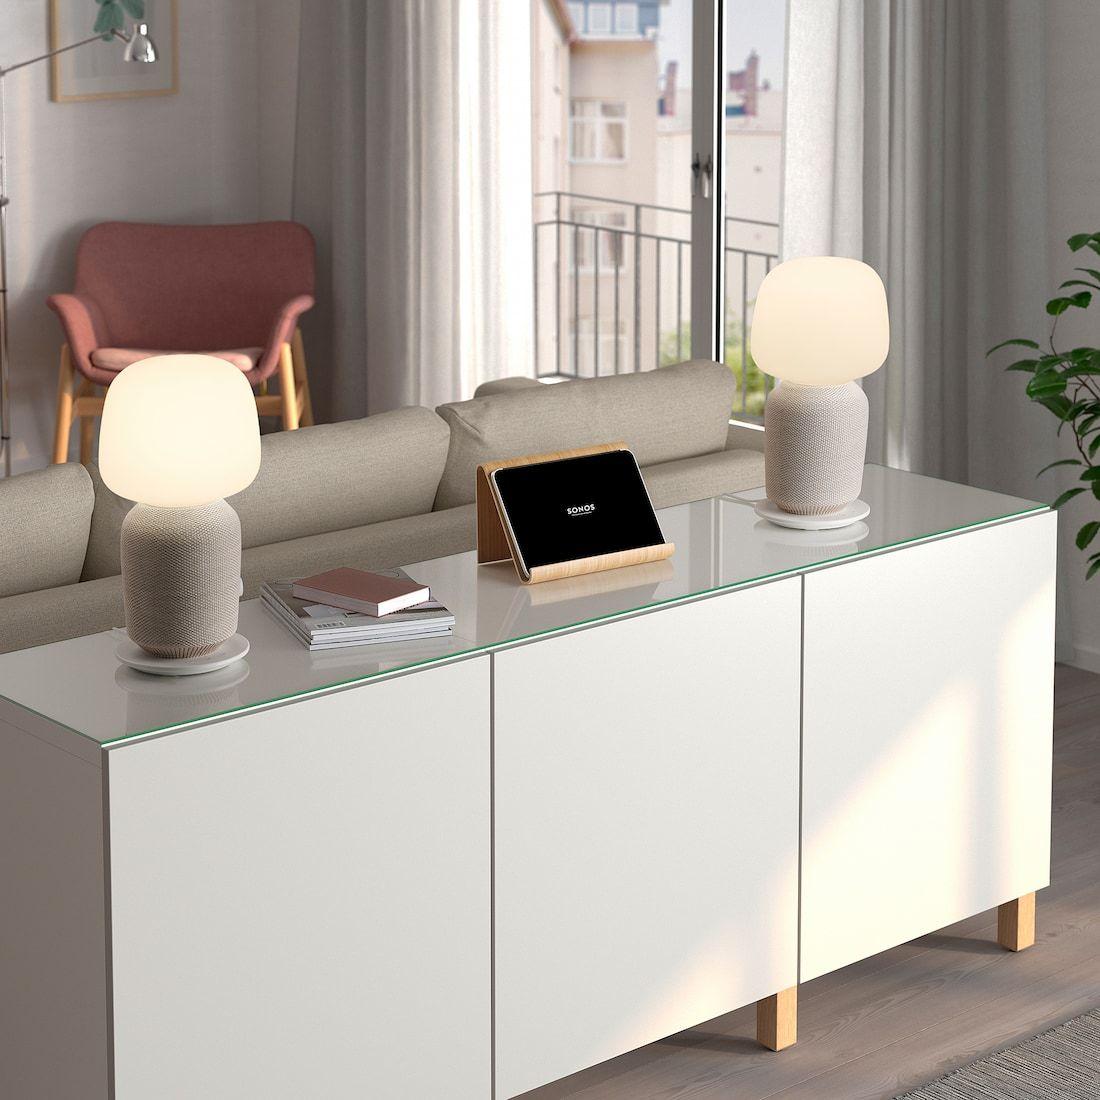 SYMFONISK Table lamp with WiFi speaker, white . Order here